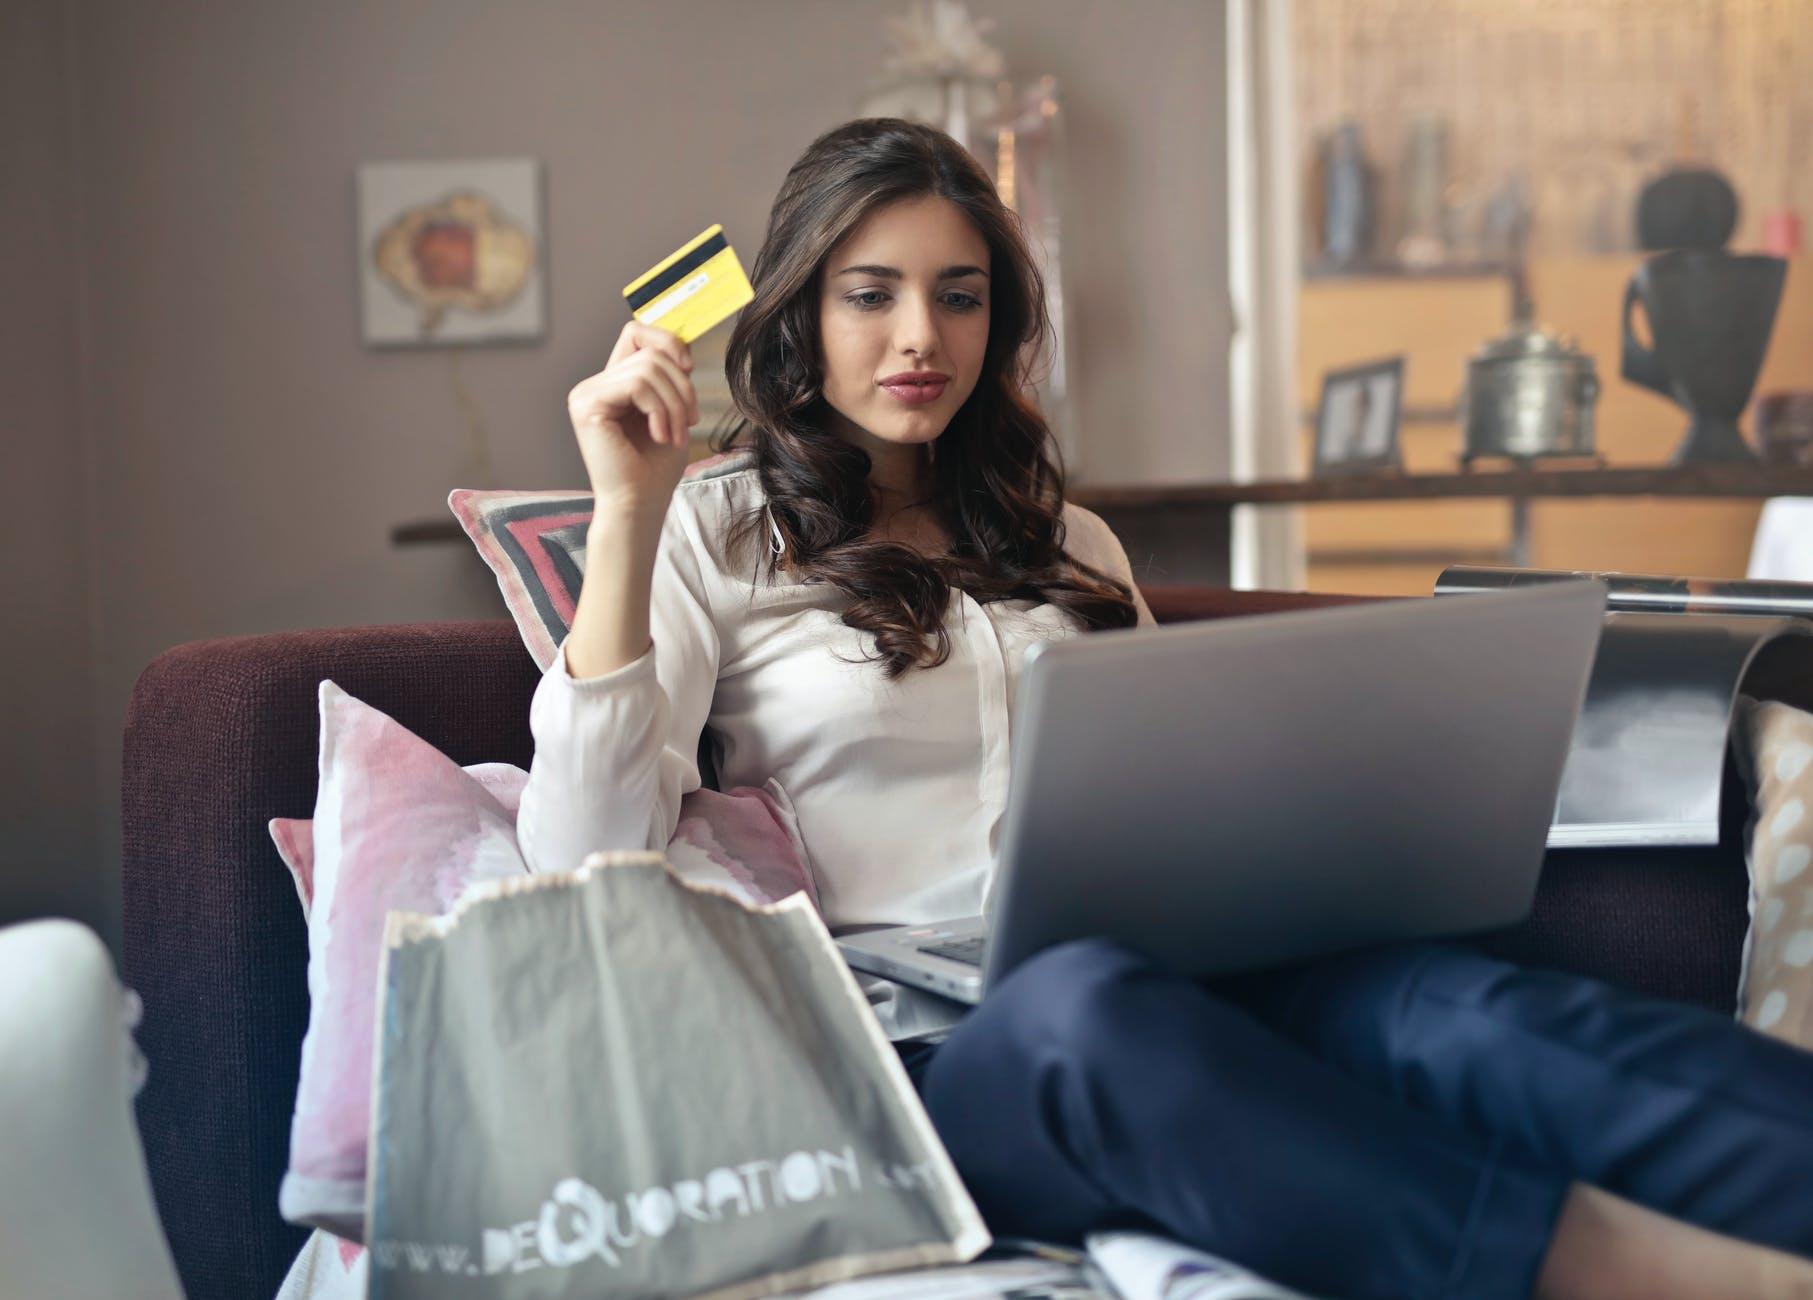 Olvida las relaciones tormentosas con… ¡las tarjetas de crédito!